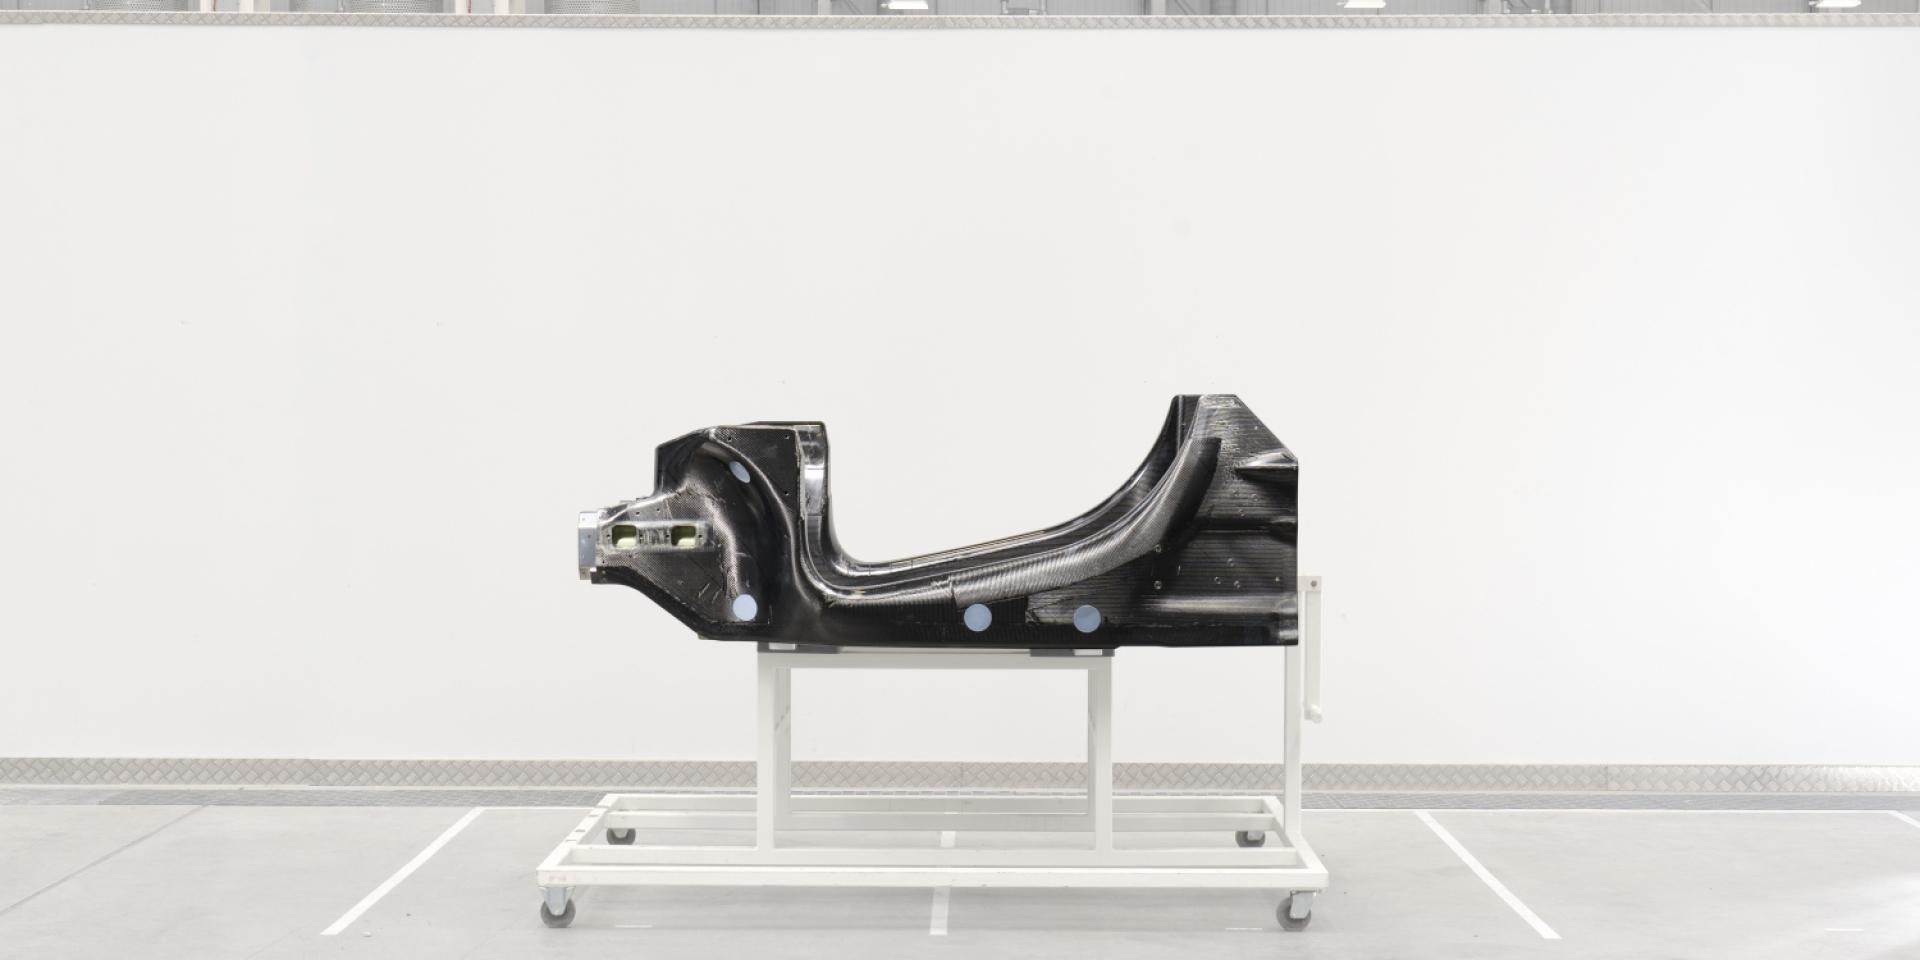 McLaren電動平台問世!新款Hybrid動力2021年報到!